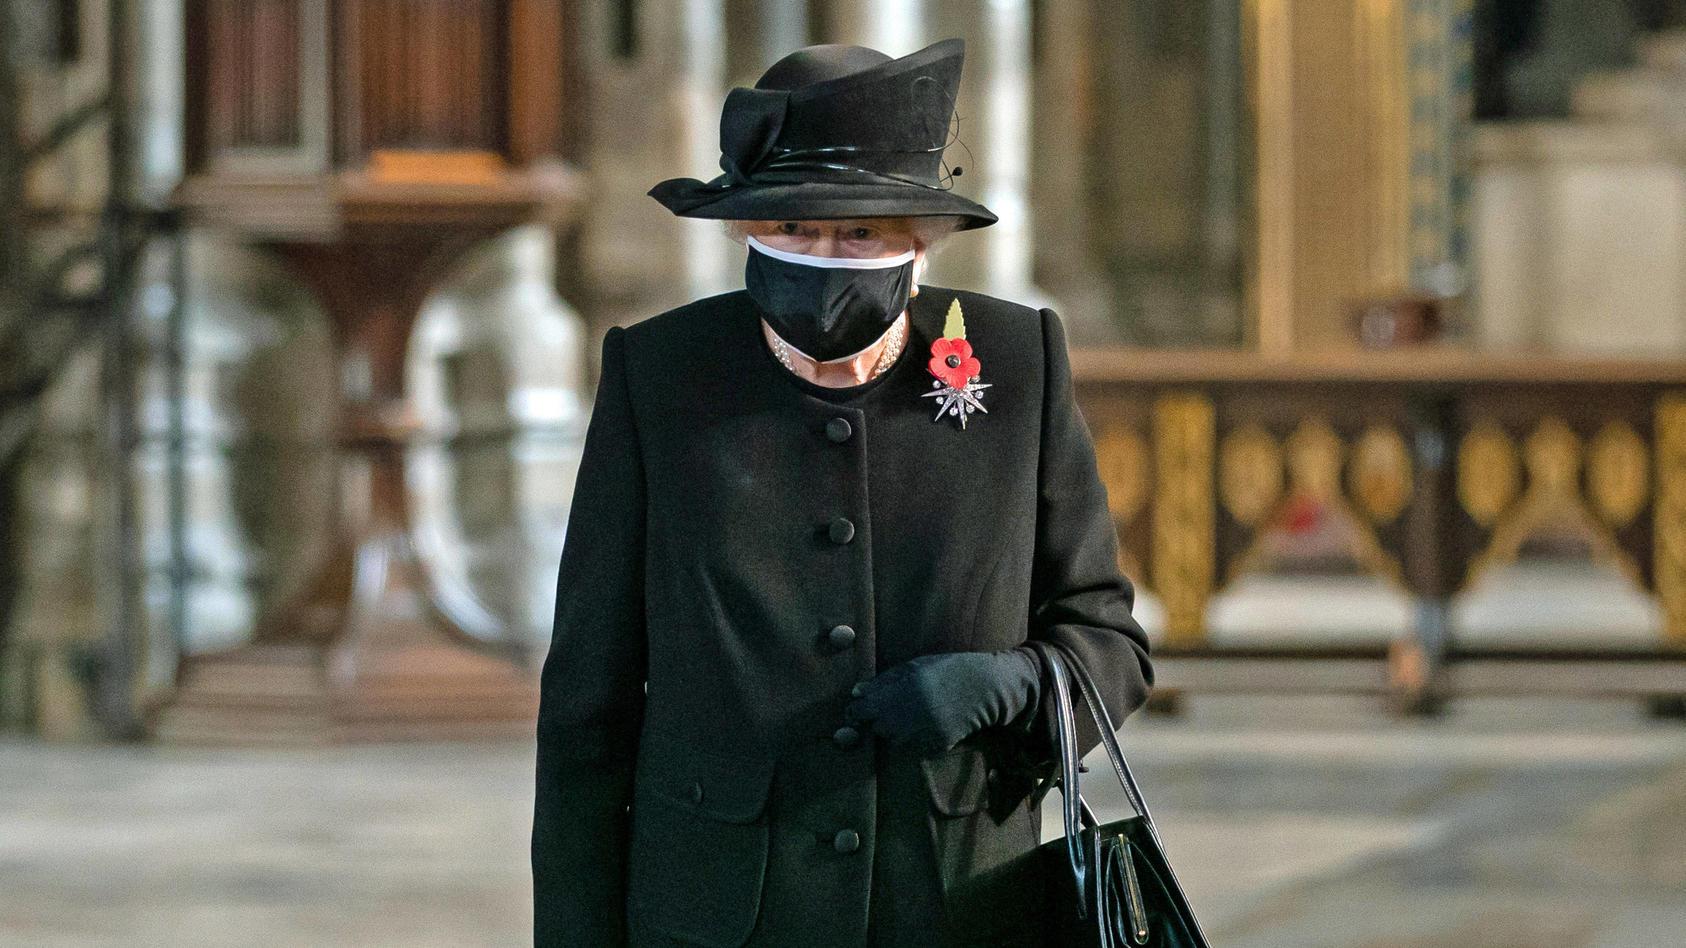 Königin Elisabeth II. bei ihrem ersten Auftritt mit Maske.